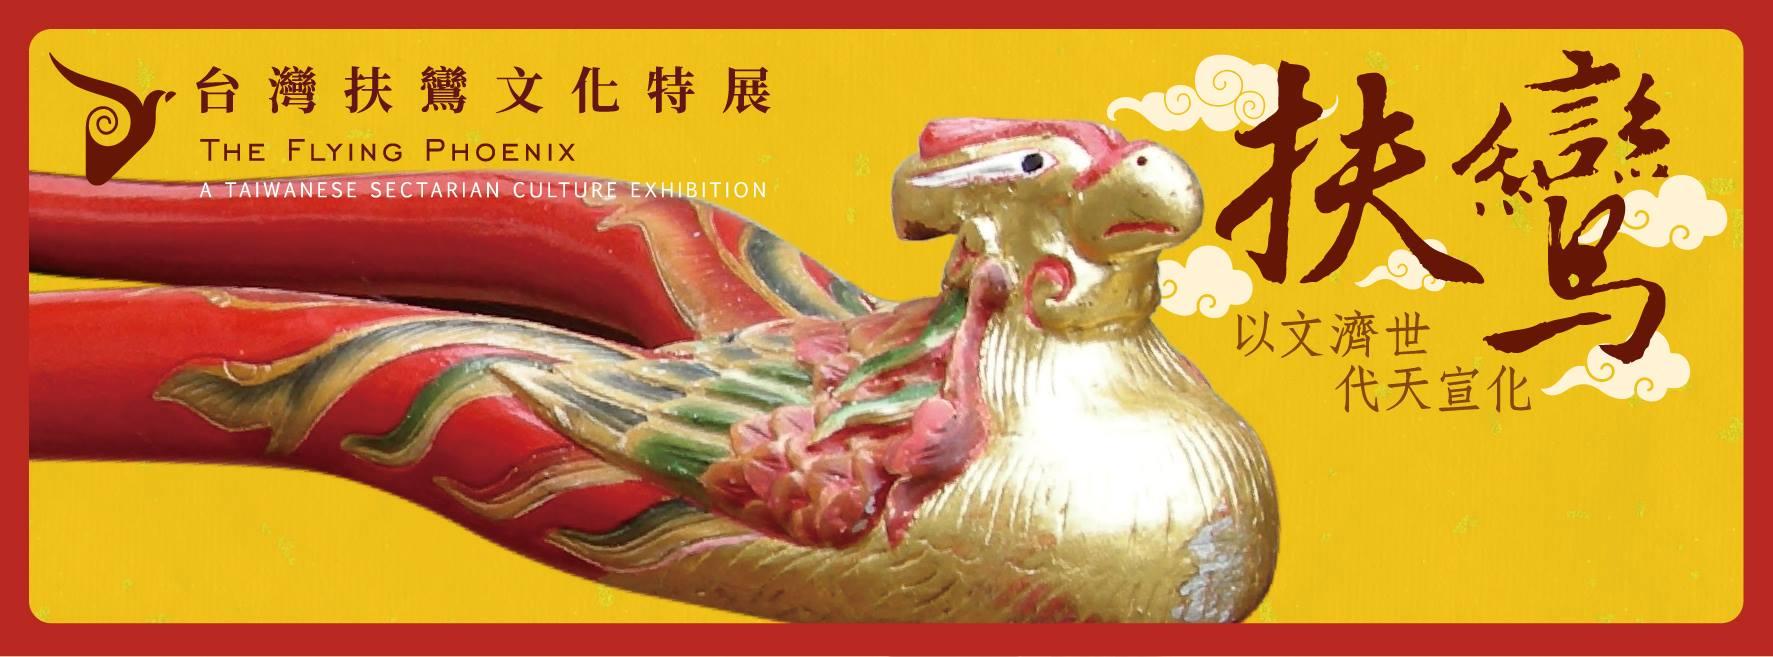 台灣扶鸞文化特展